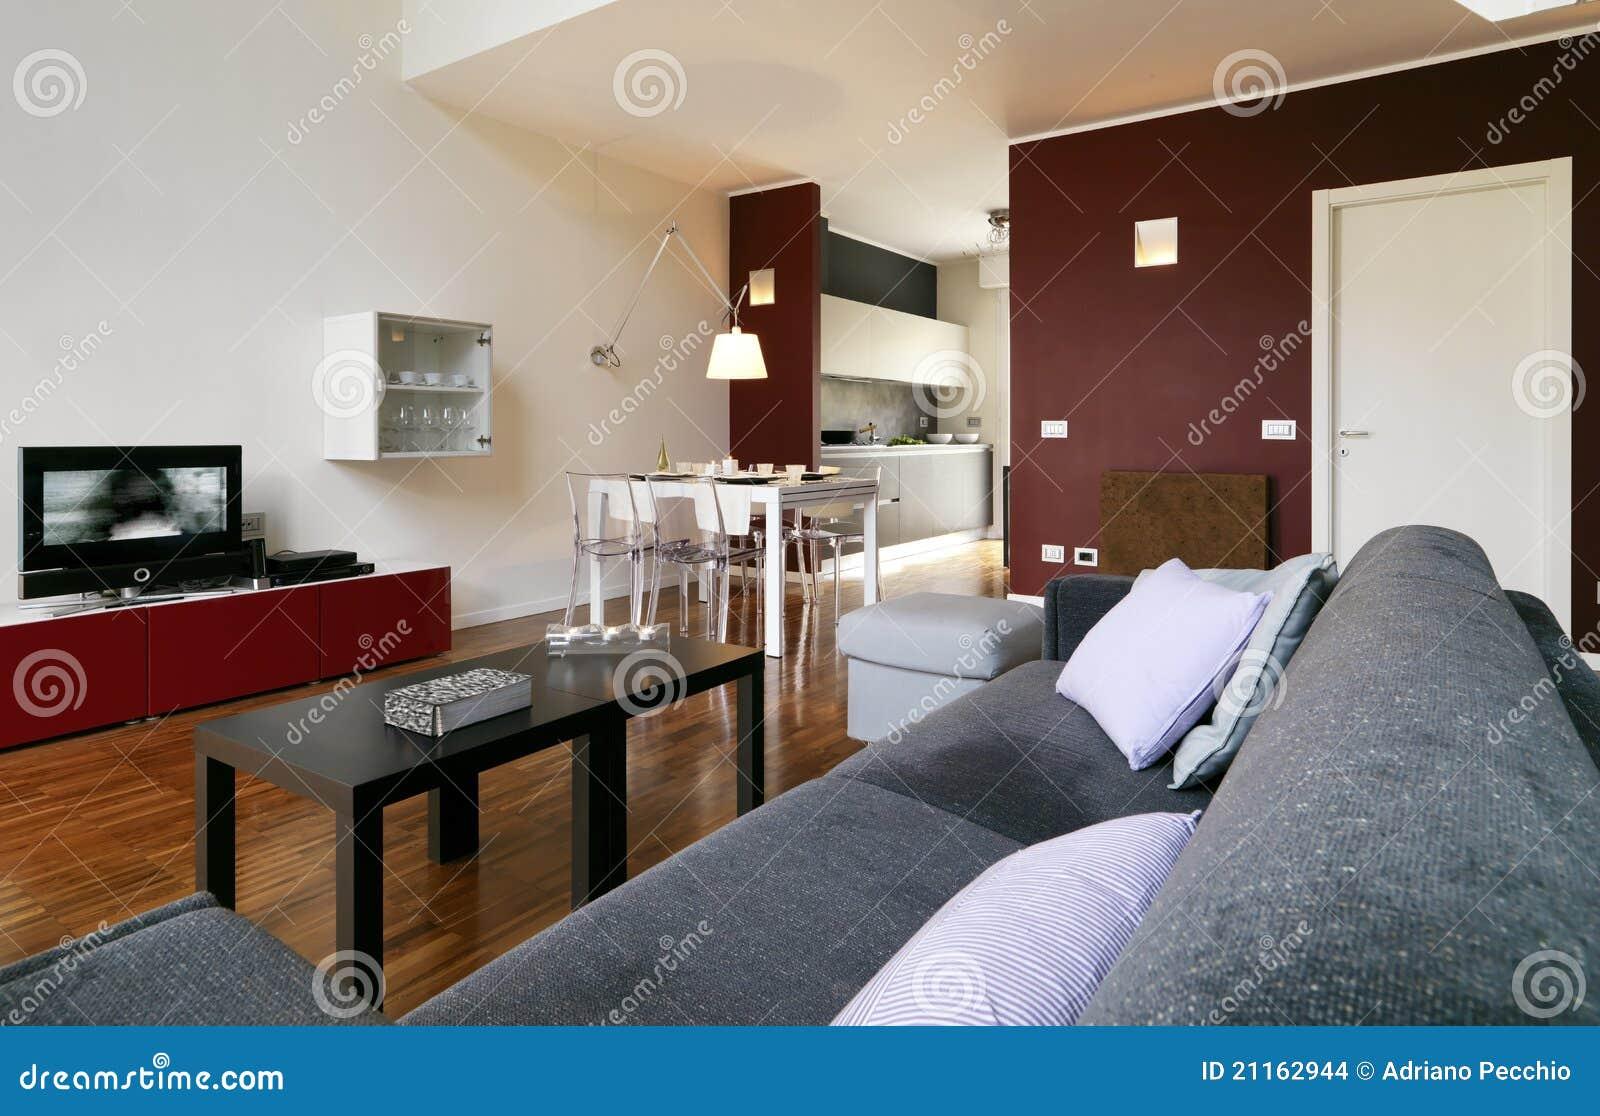 Salone E Sala Da Pranzo Moderni Con Il Pavimento Di Legno E La Parete  #673826 1300 924 La Cucina Disegni Per Bambini